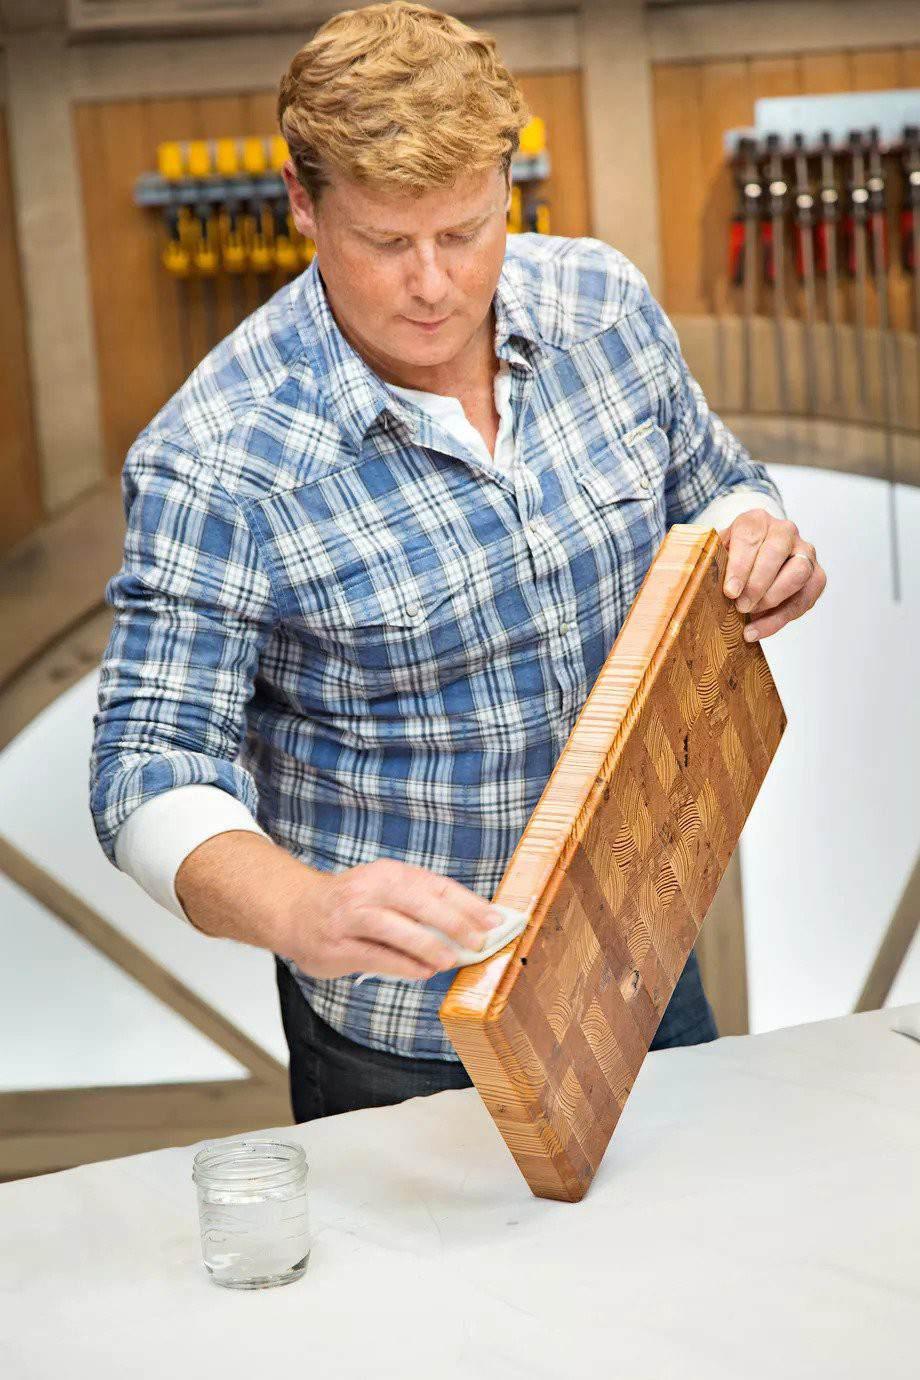 15. DIY End-Grain Cutting Board